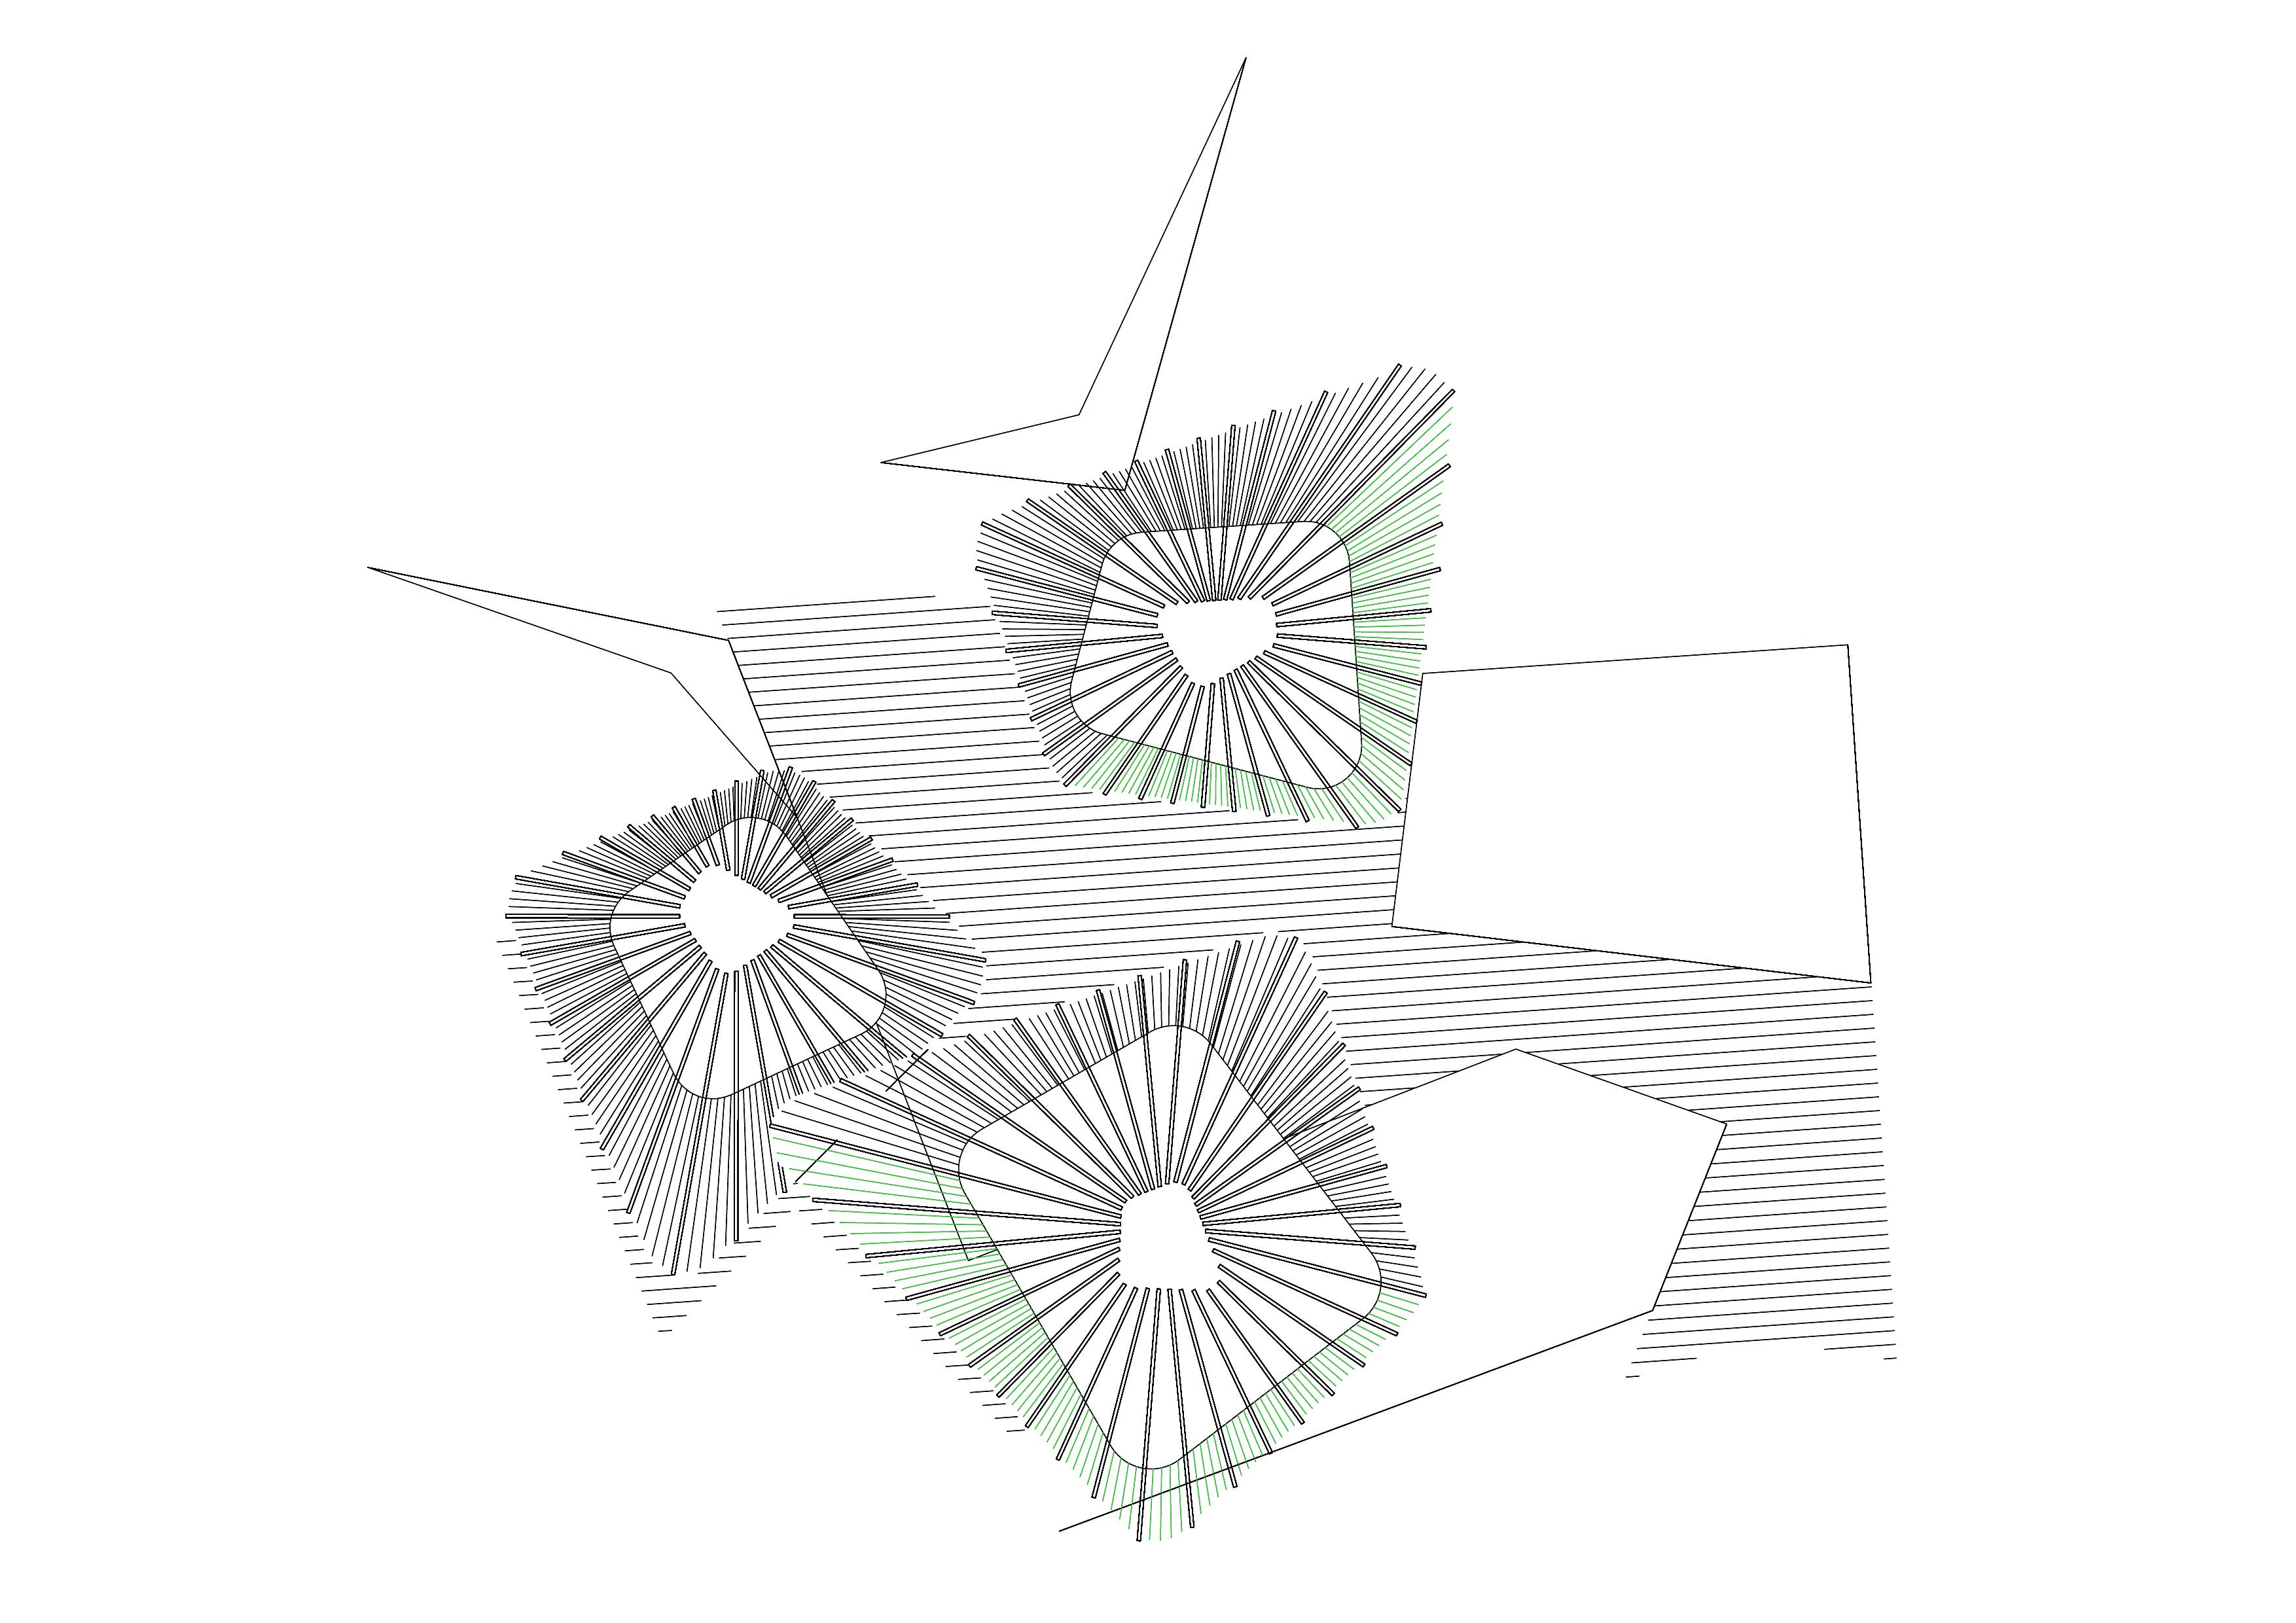 C1202_EsquemesPlanGen-v1